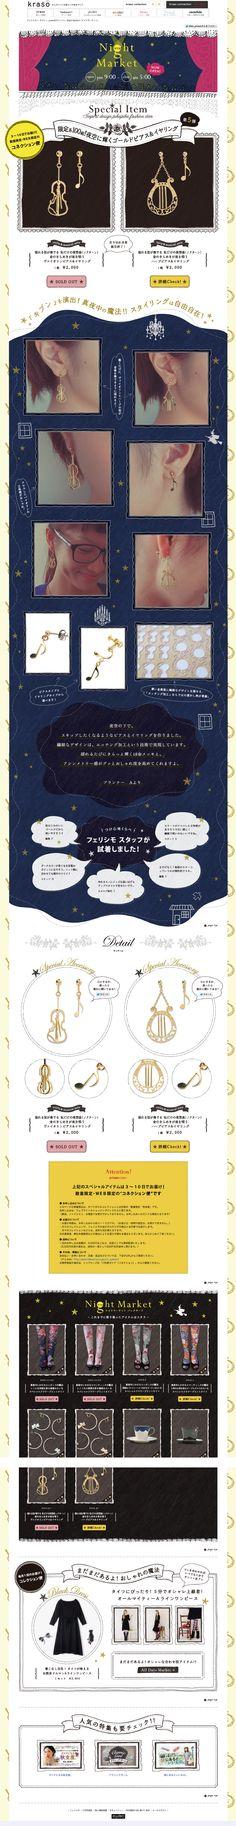 フェリシモ/ピケット/ナイトマーケット  http://info.felissimo.jp/kraso/p_nightmarket/index.html?iid=p_pi_111018_NIGHT